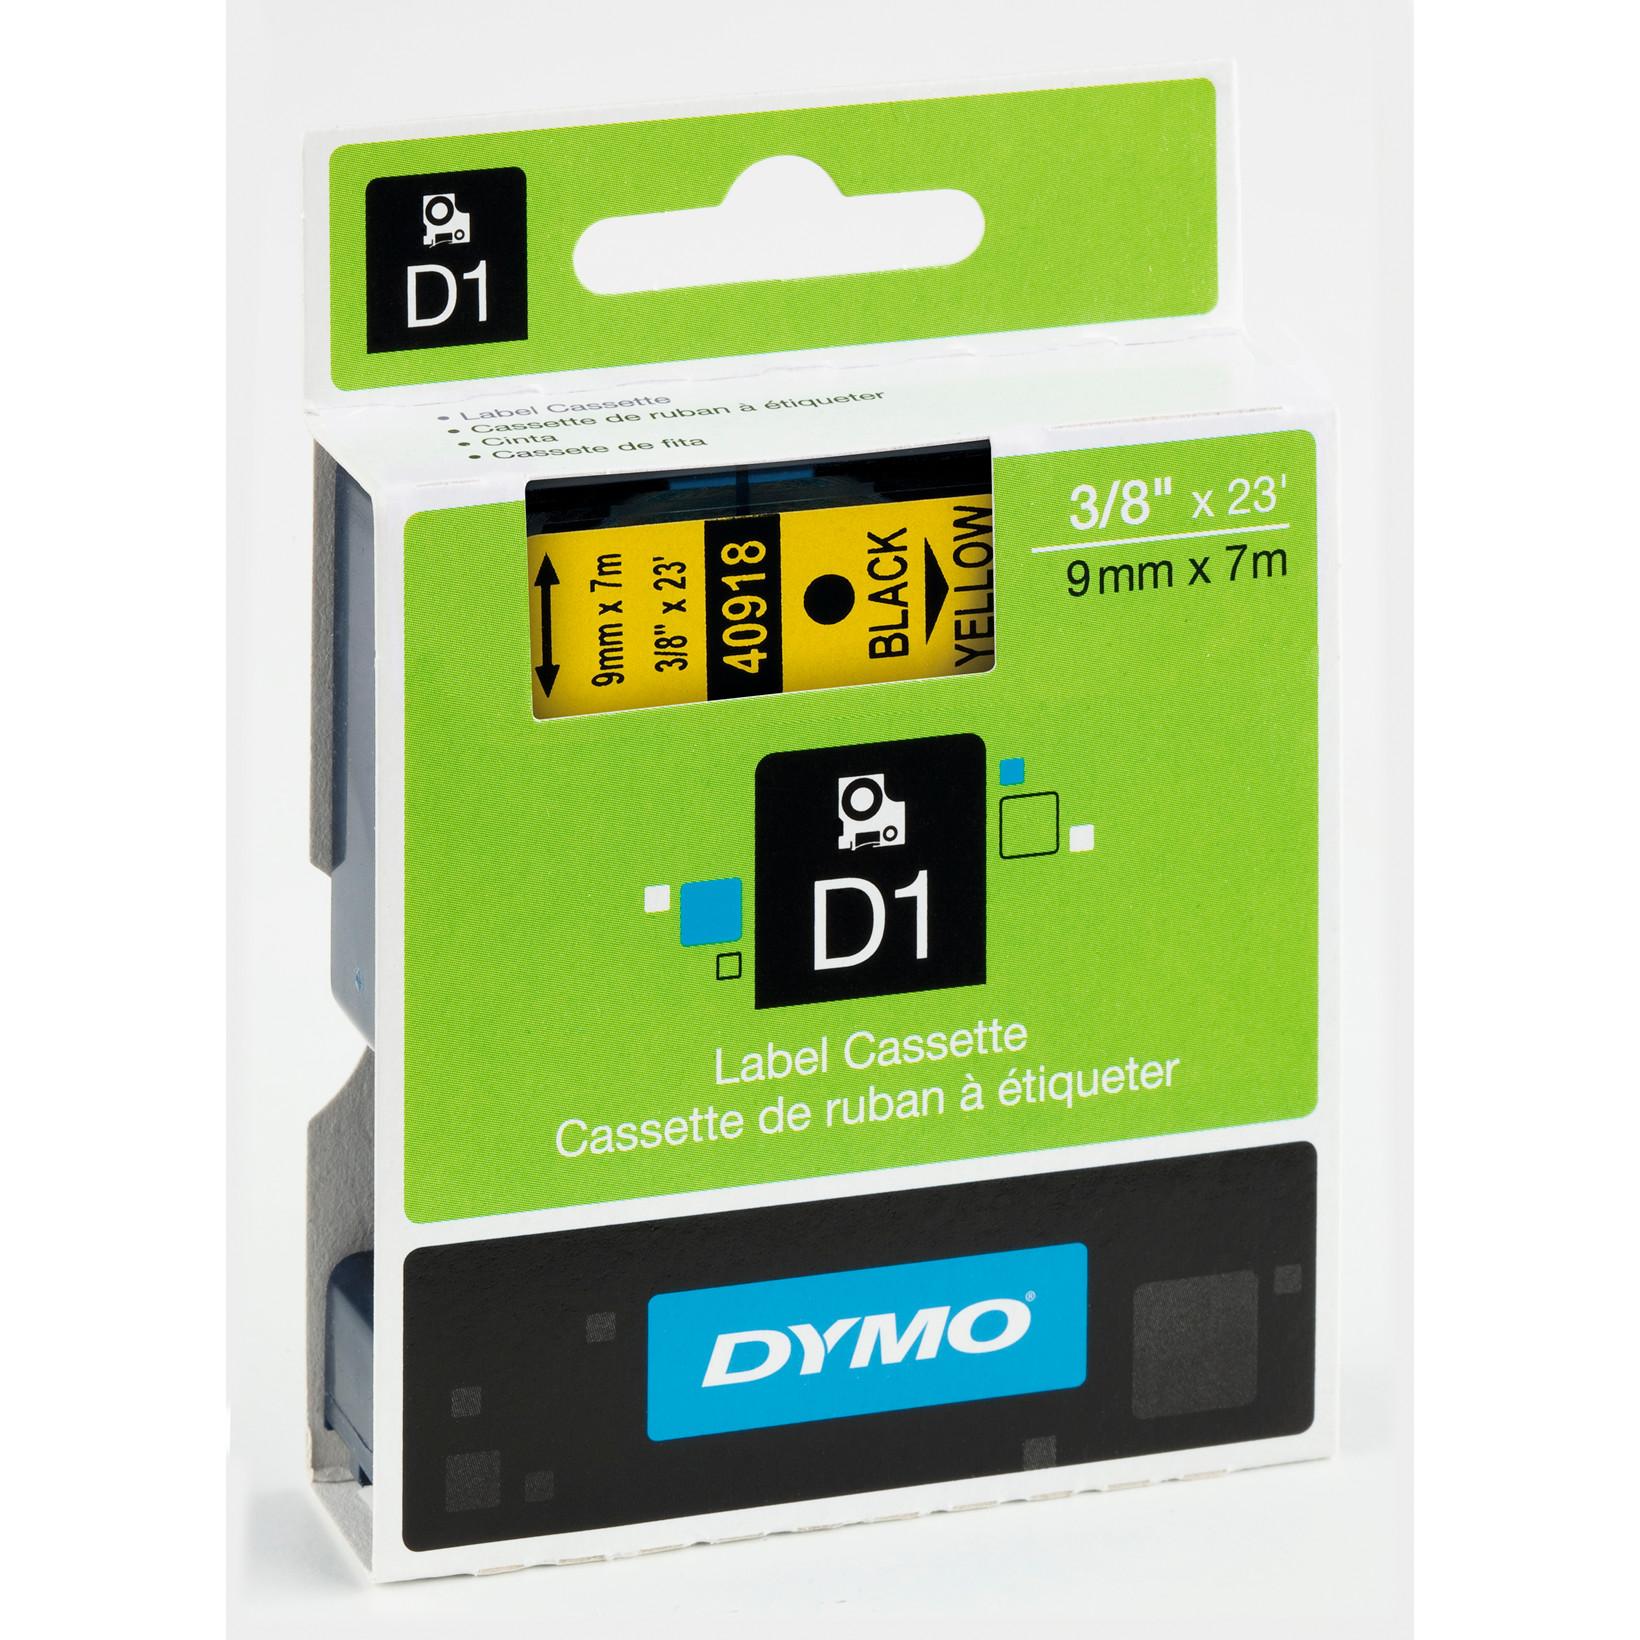 DYMO D1 40918 - Labeltape 9 mm sort på gul